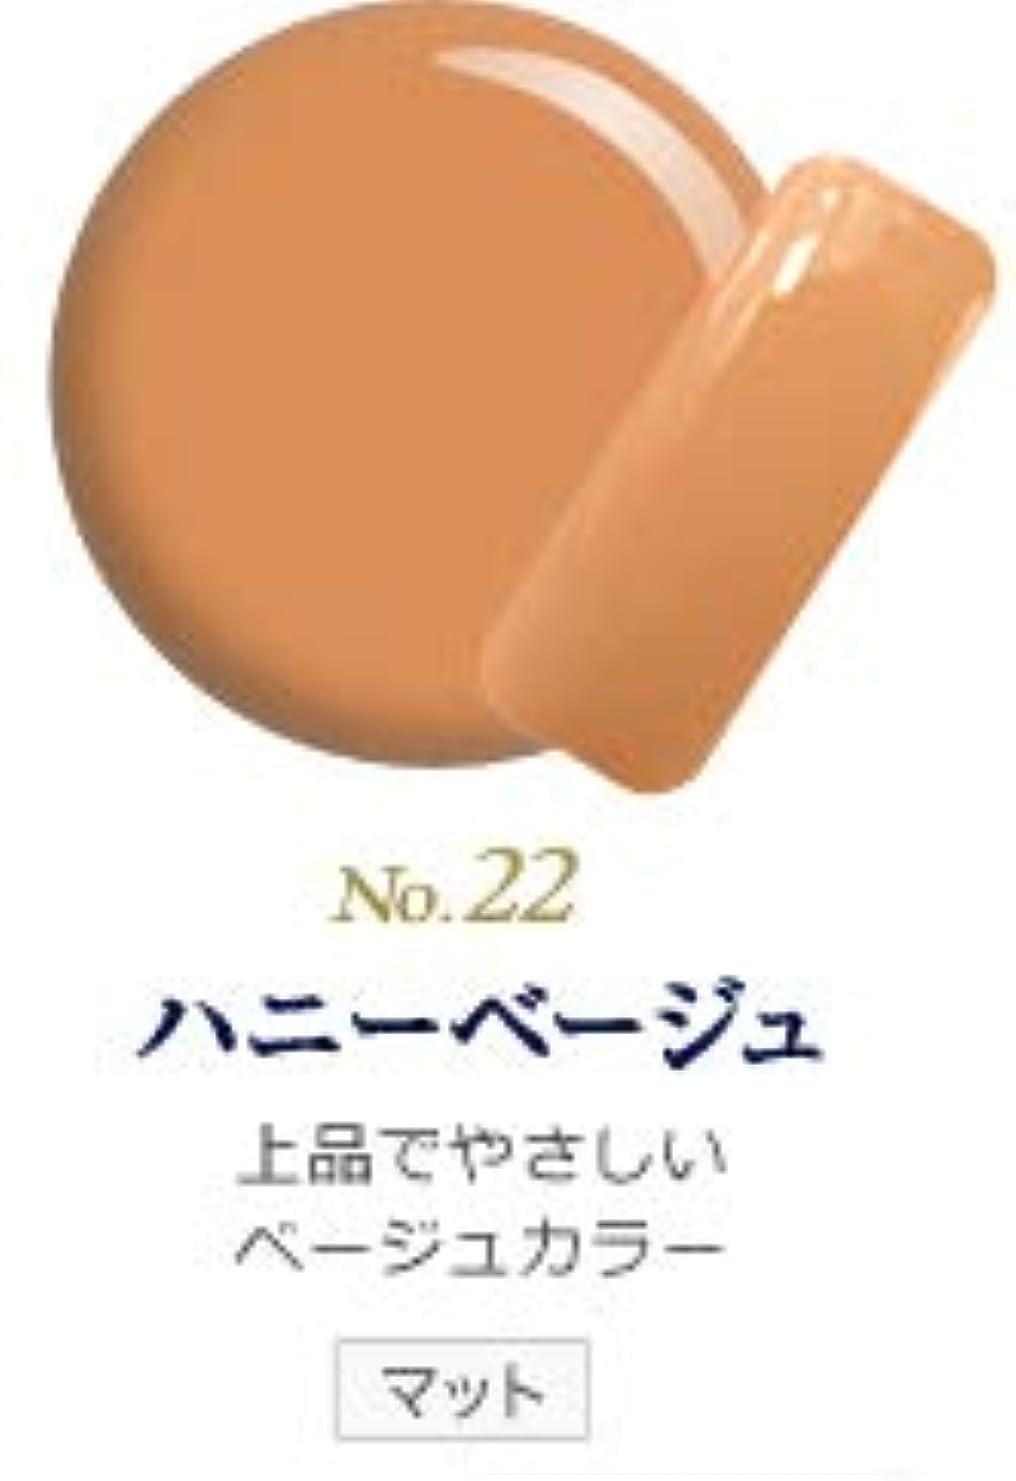 インゲン誘惑カップカラージェル 発色抜群 削らなくてもオフが出来る 新グレースジェルカラーNo.11~No.209 (ハニーベージュ)